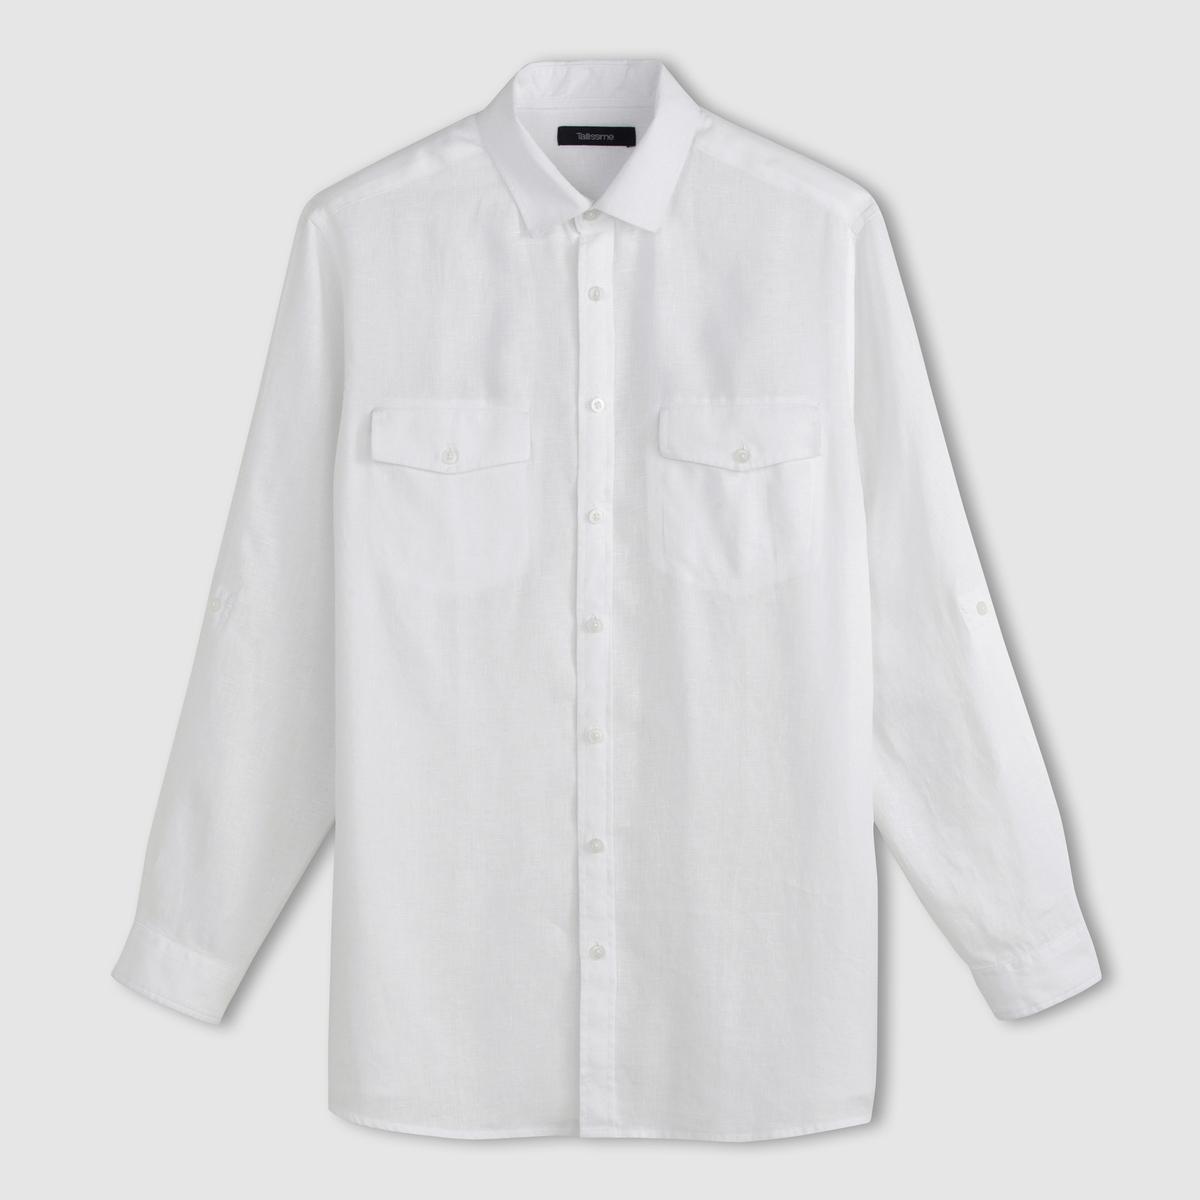 Рубашка с длинными рукавами из льнаРубашка с длинными рукавами. Удобная модель. 100% лен. Длинные рукава можно подворачивать. Воротник со свободными уголками. 2 нагрудных кармана с клапаном. Складка сзади. Закругленный низ. - длина рубашки спереди : 83 см для размера 41/42 и 92 см для размера 59/60.- длина рукавов : 65 см<br><br>Цвет: голубой меланж<br>Размер: 45/46.51/52.53/54.57/58